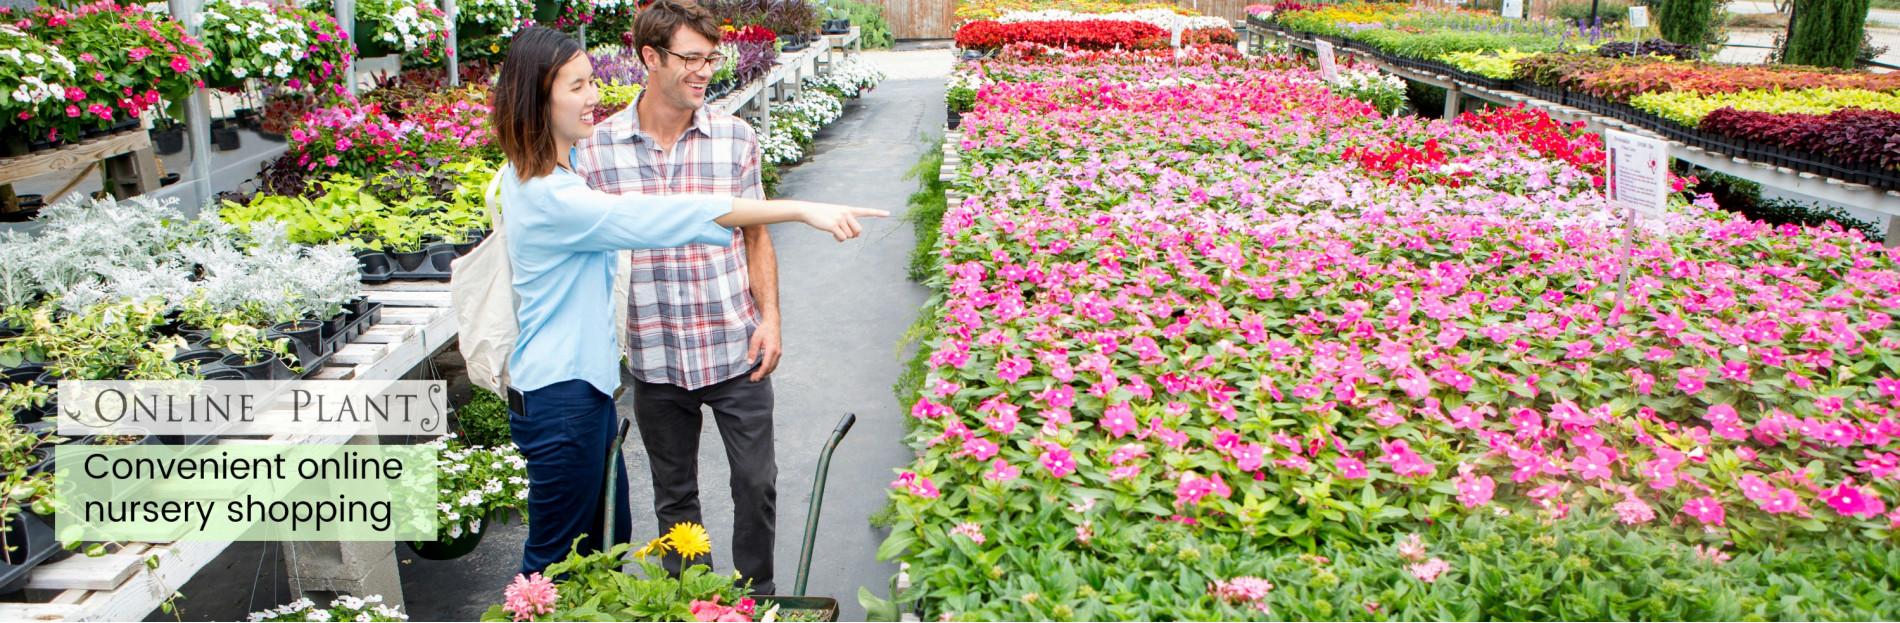 Online Plants Nursery